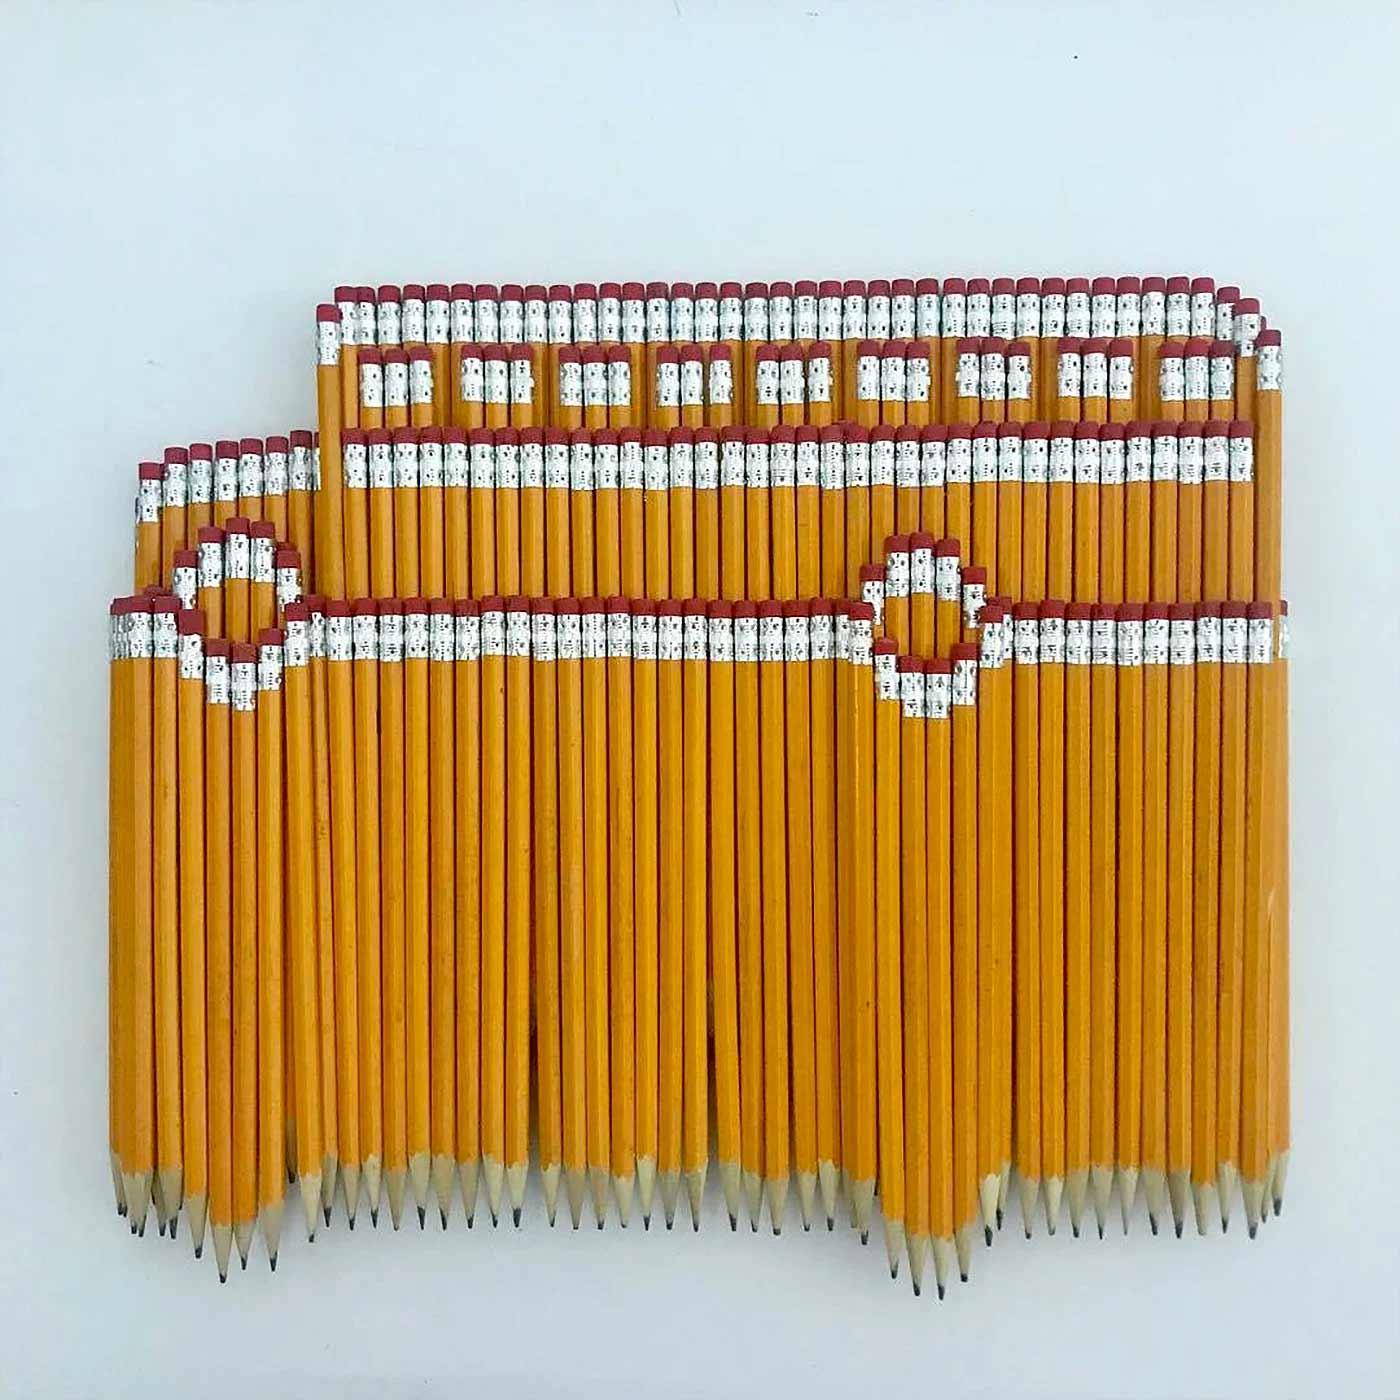 Bleistift-Mosaike von Bashir Sultani Bashir-Sultani-bleistiftkunst_04